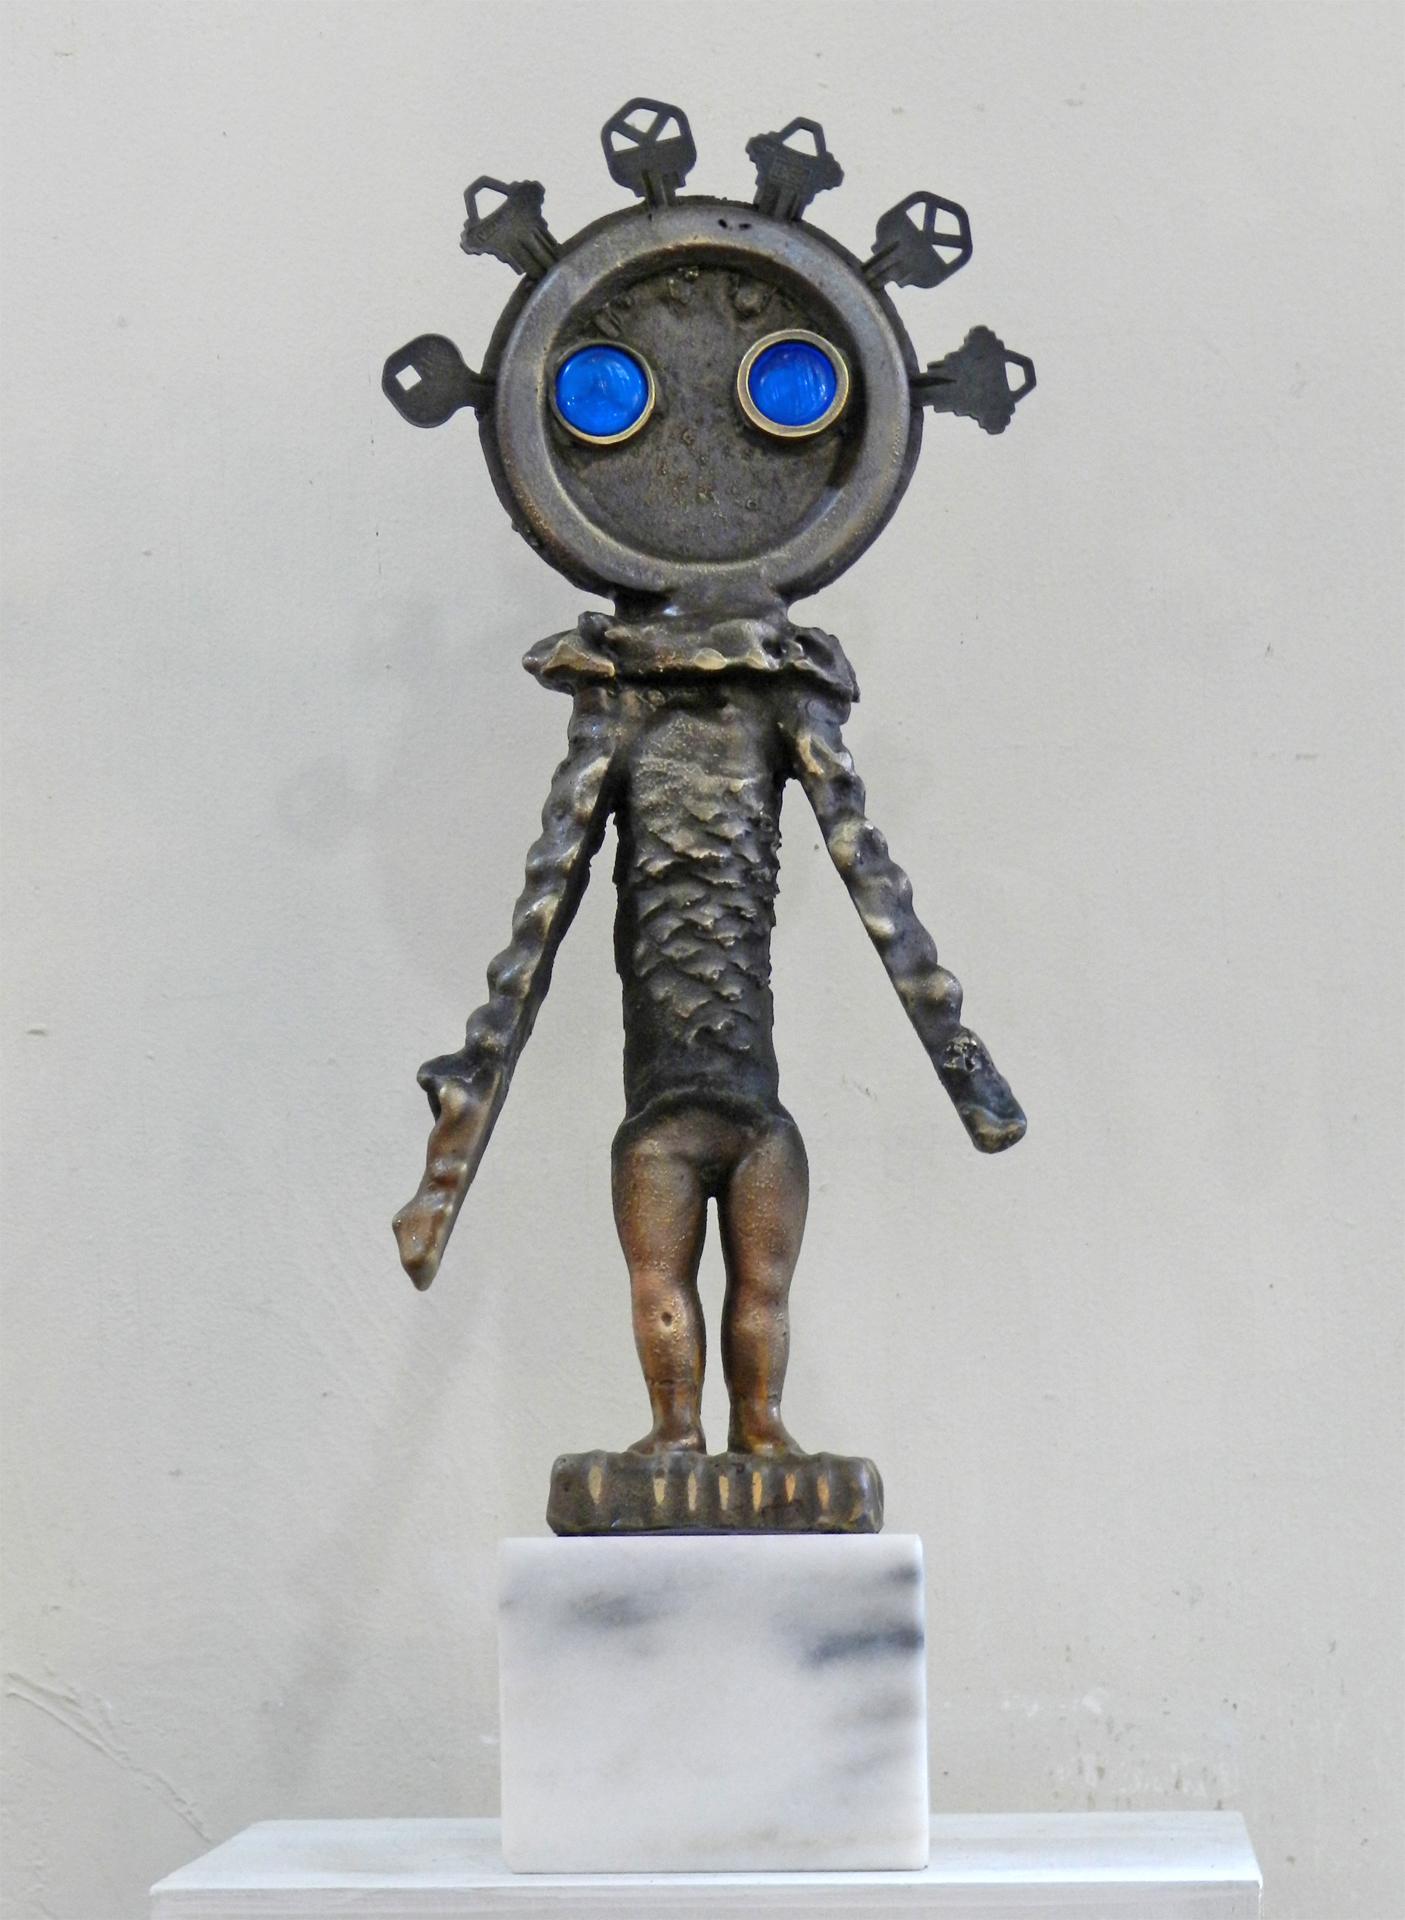 Blue Eyed Keychina